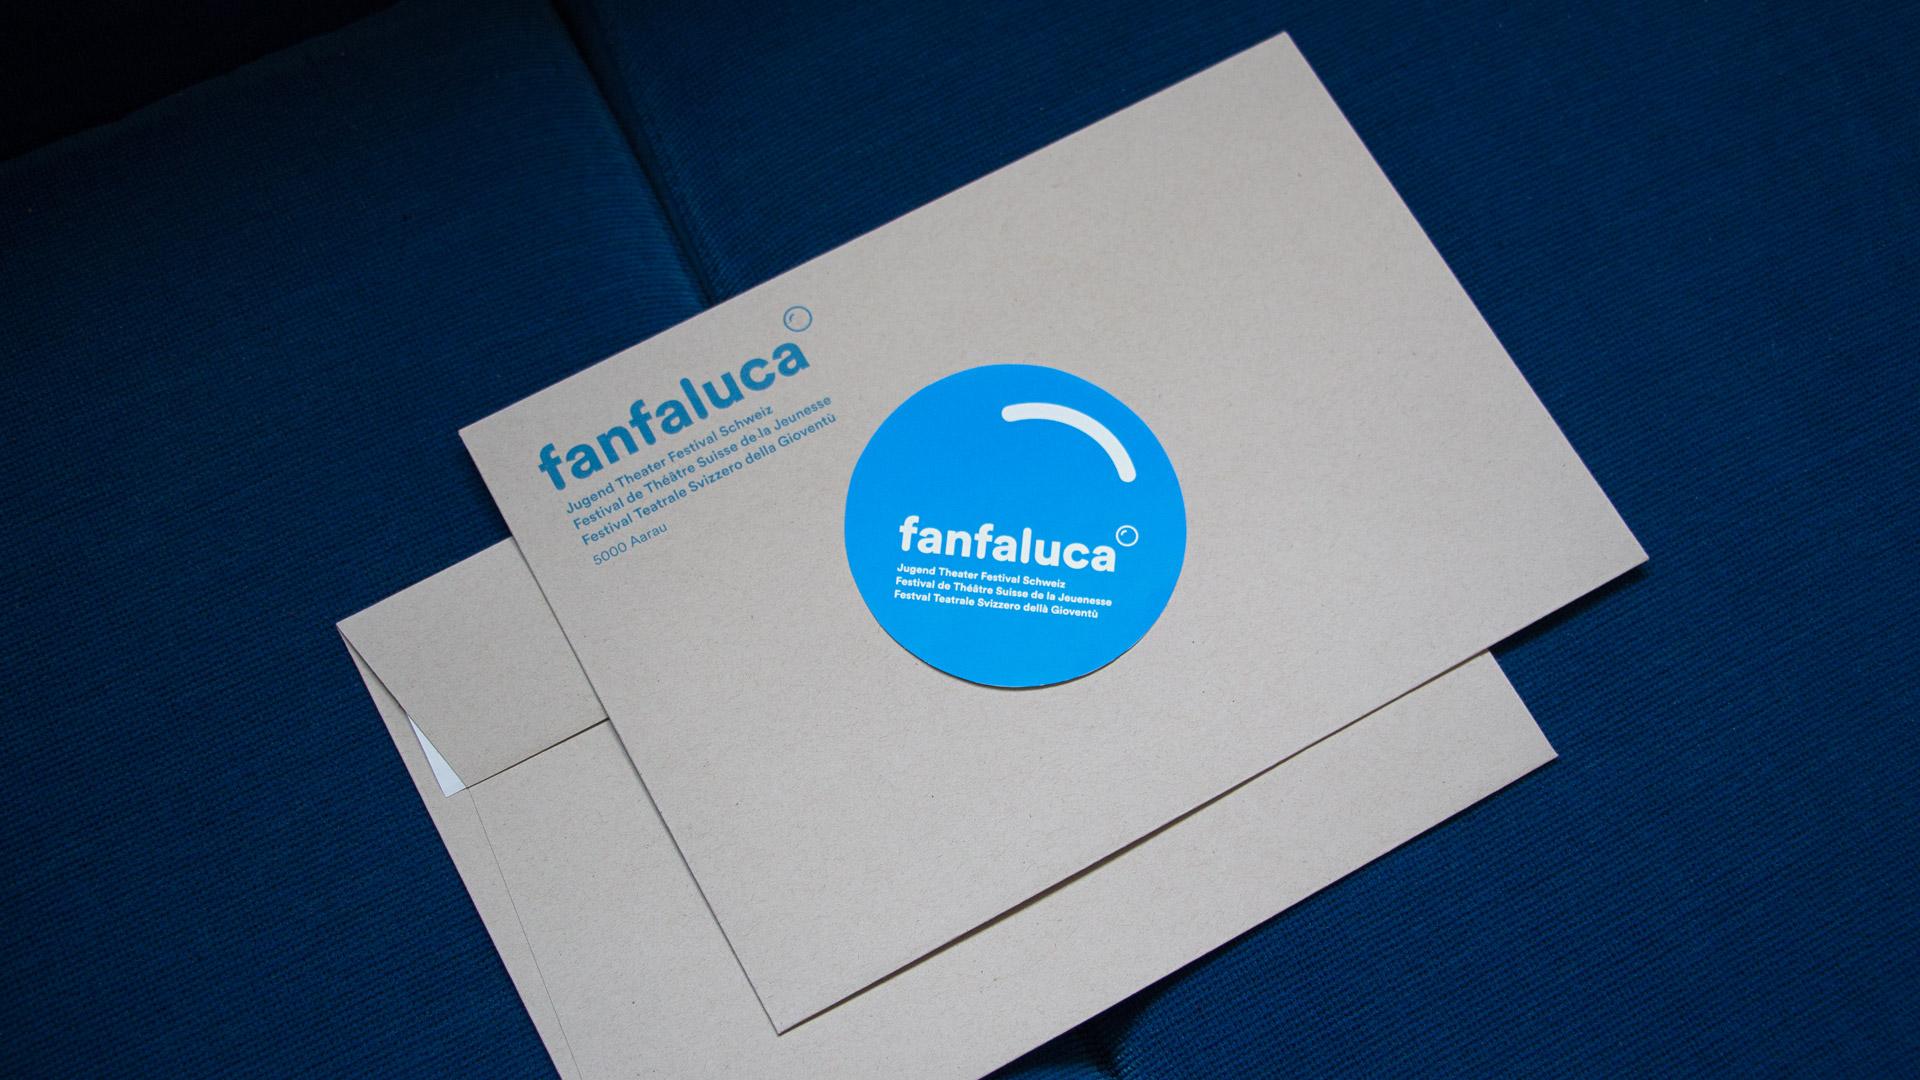 Fanfaluca – Jugend Theater Festival Schweiz — Kuverts, Corporate Design, Plakate, Flyer, Animationen — l'équipe visuelle – Grafik und Werbung